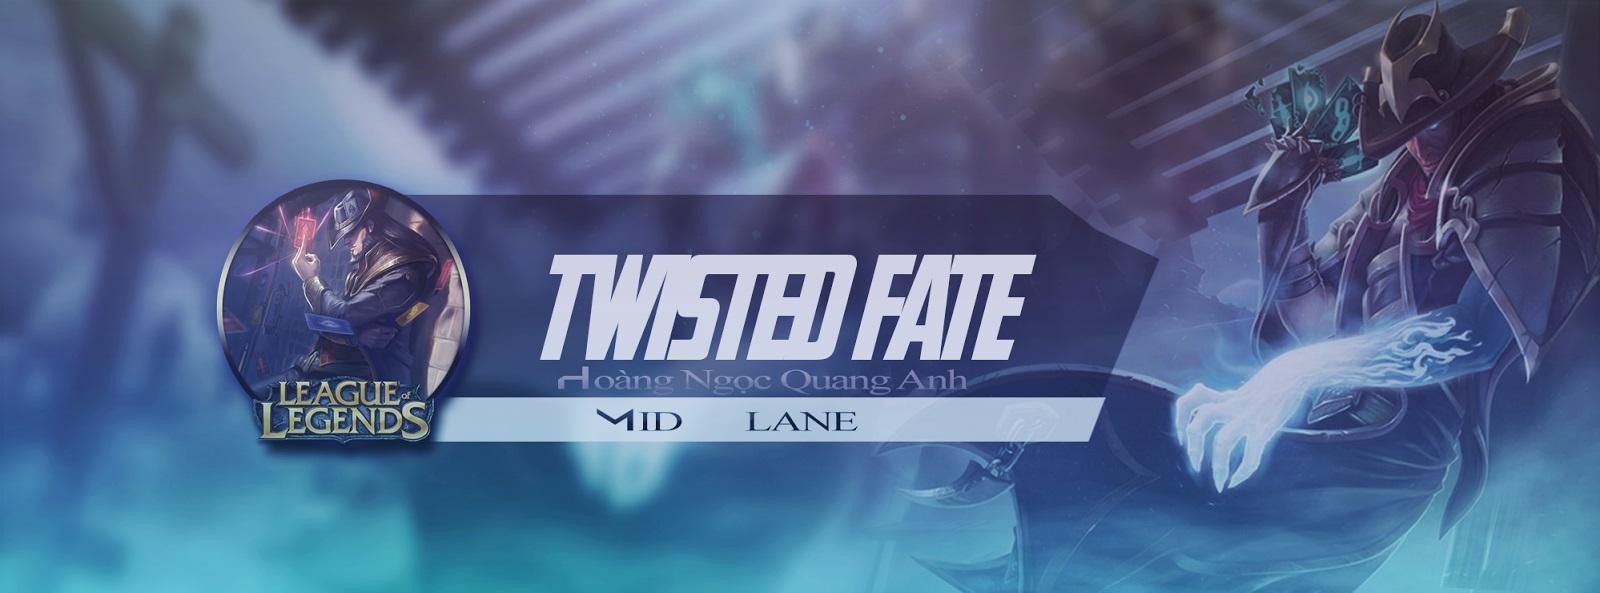 Ảnh bìa liên mình huyền thoại - Twisted Fate